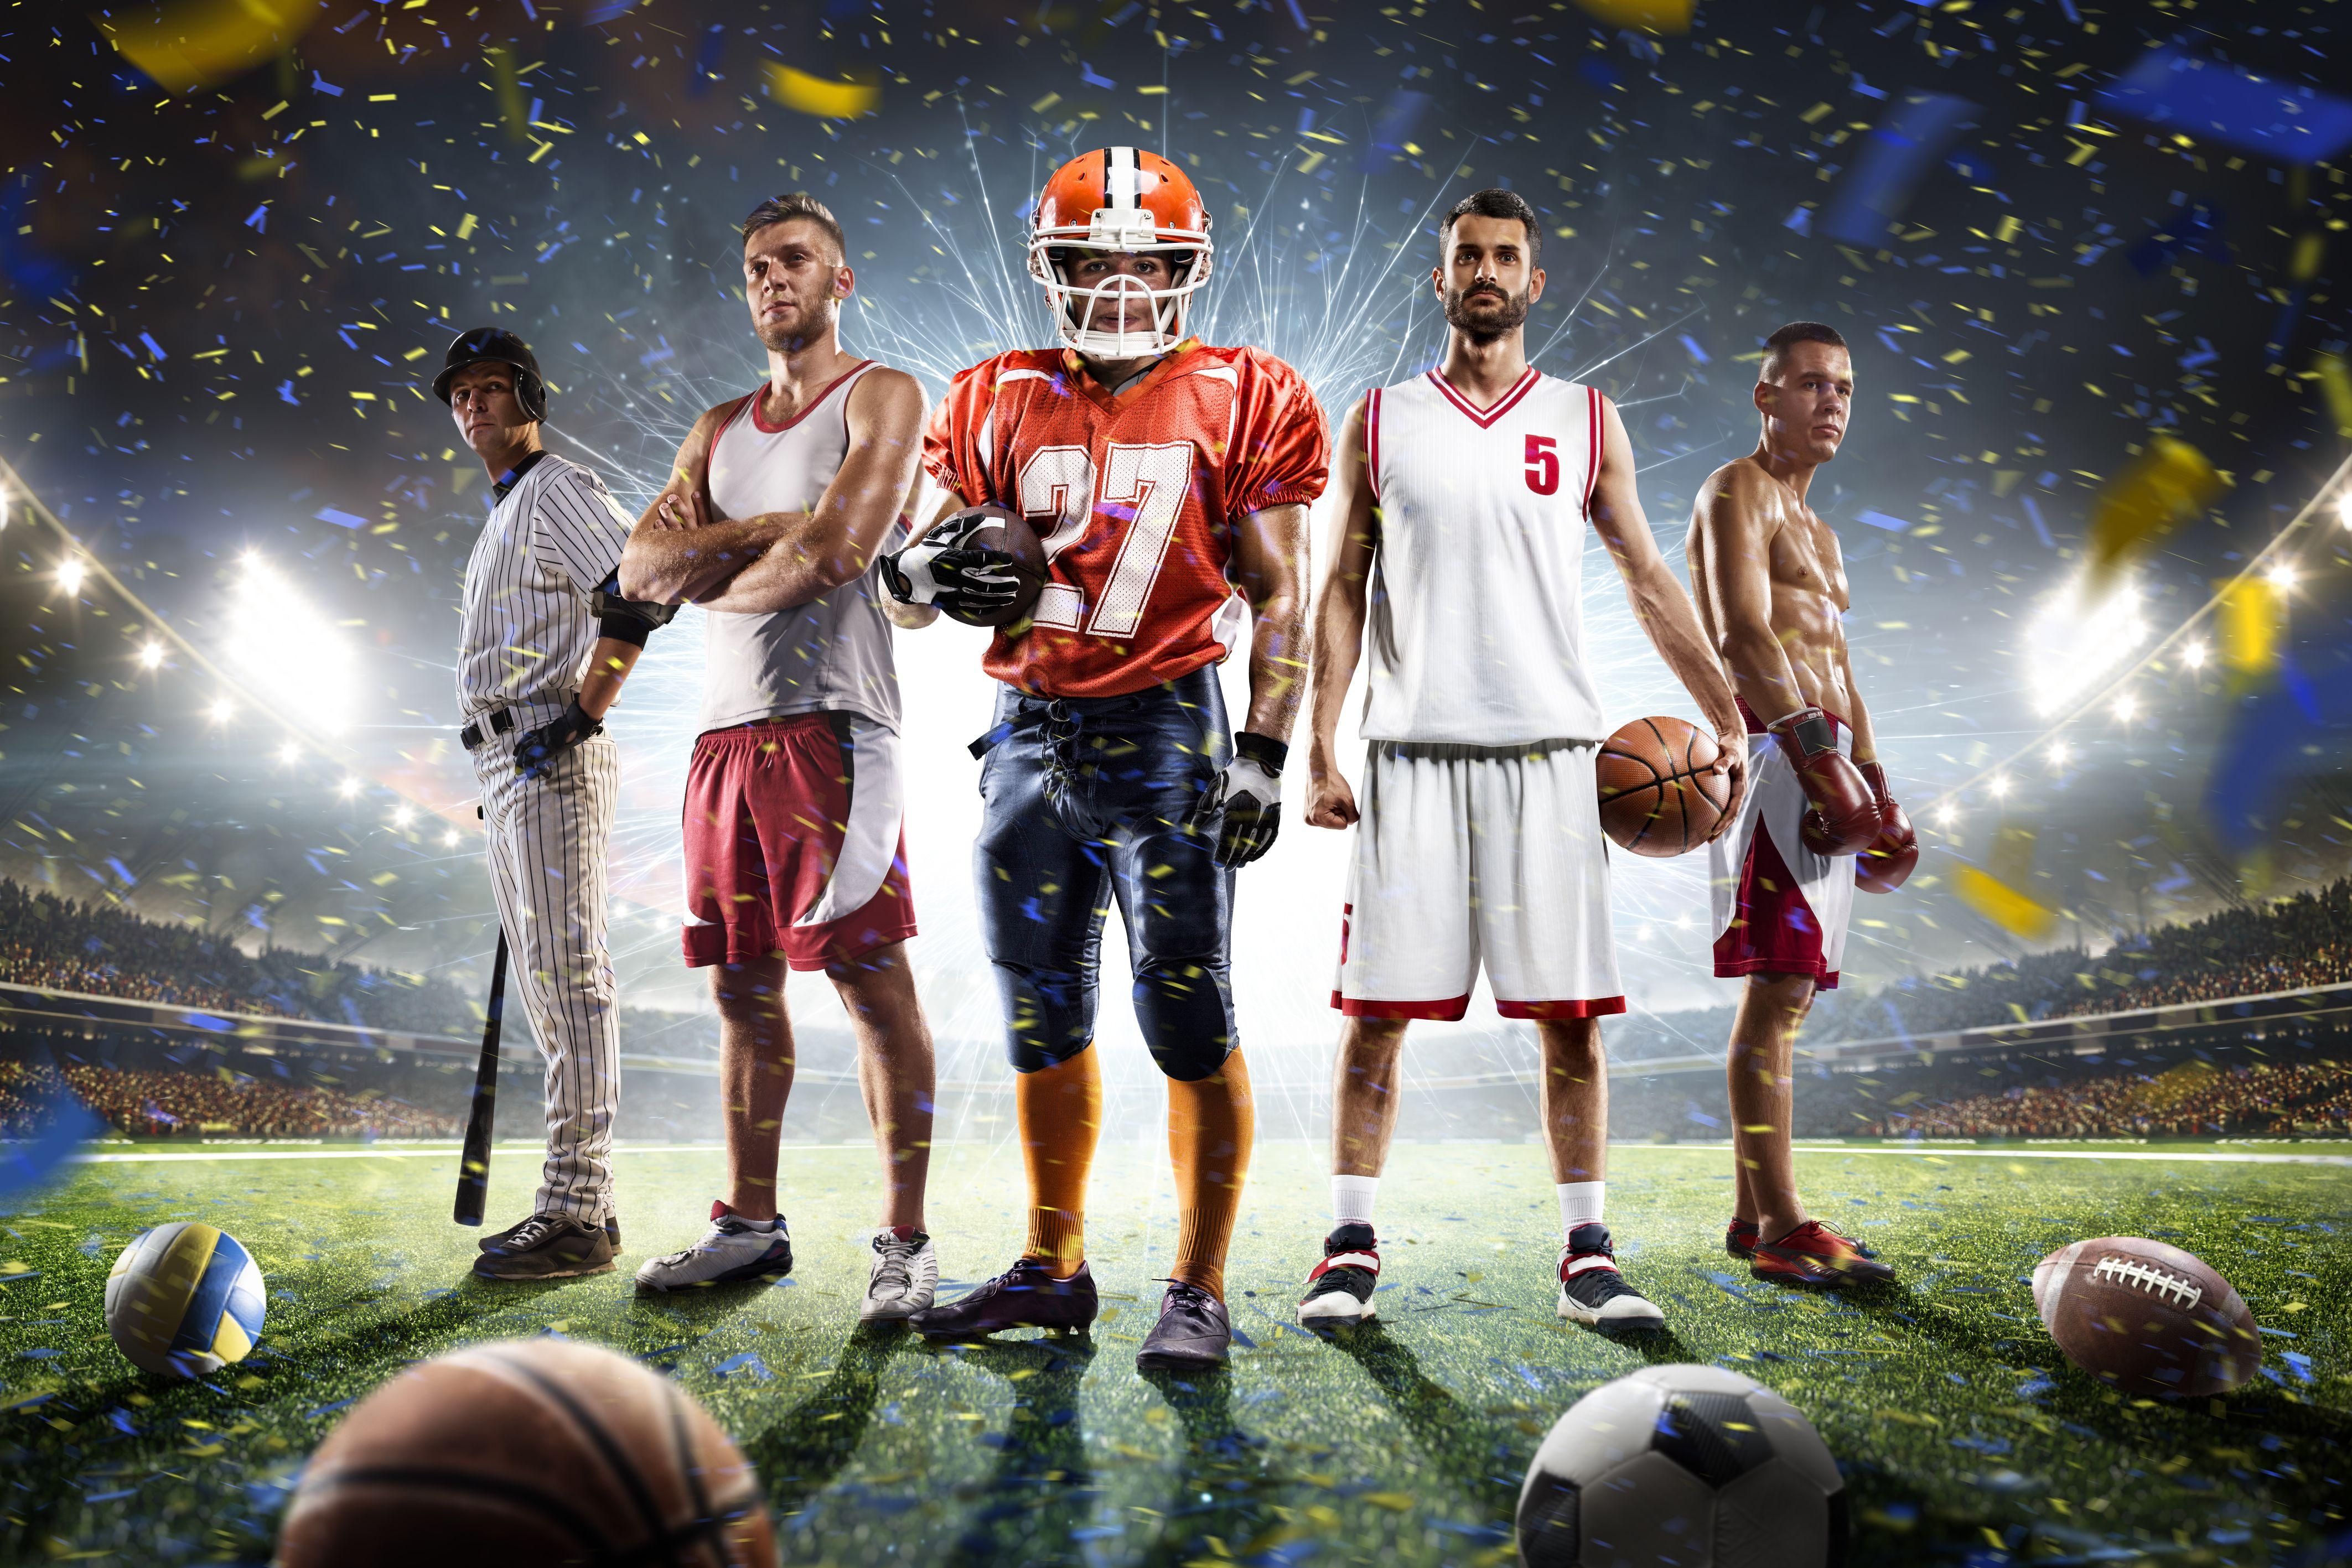 best-sports-syracuse-ny-usa